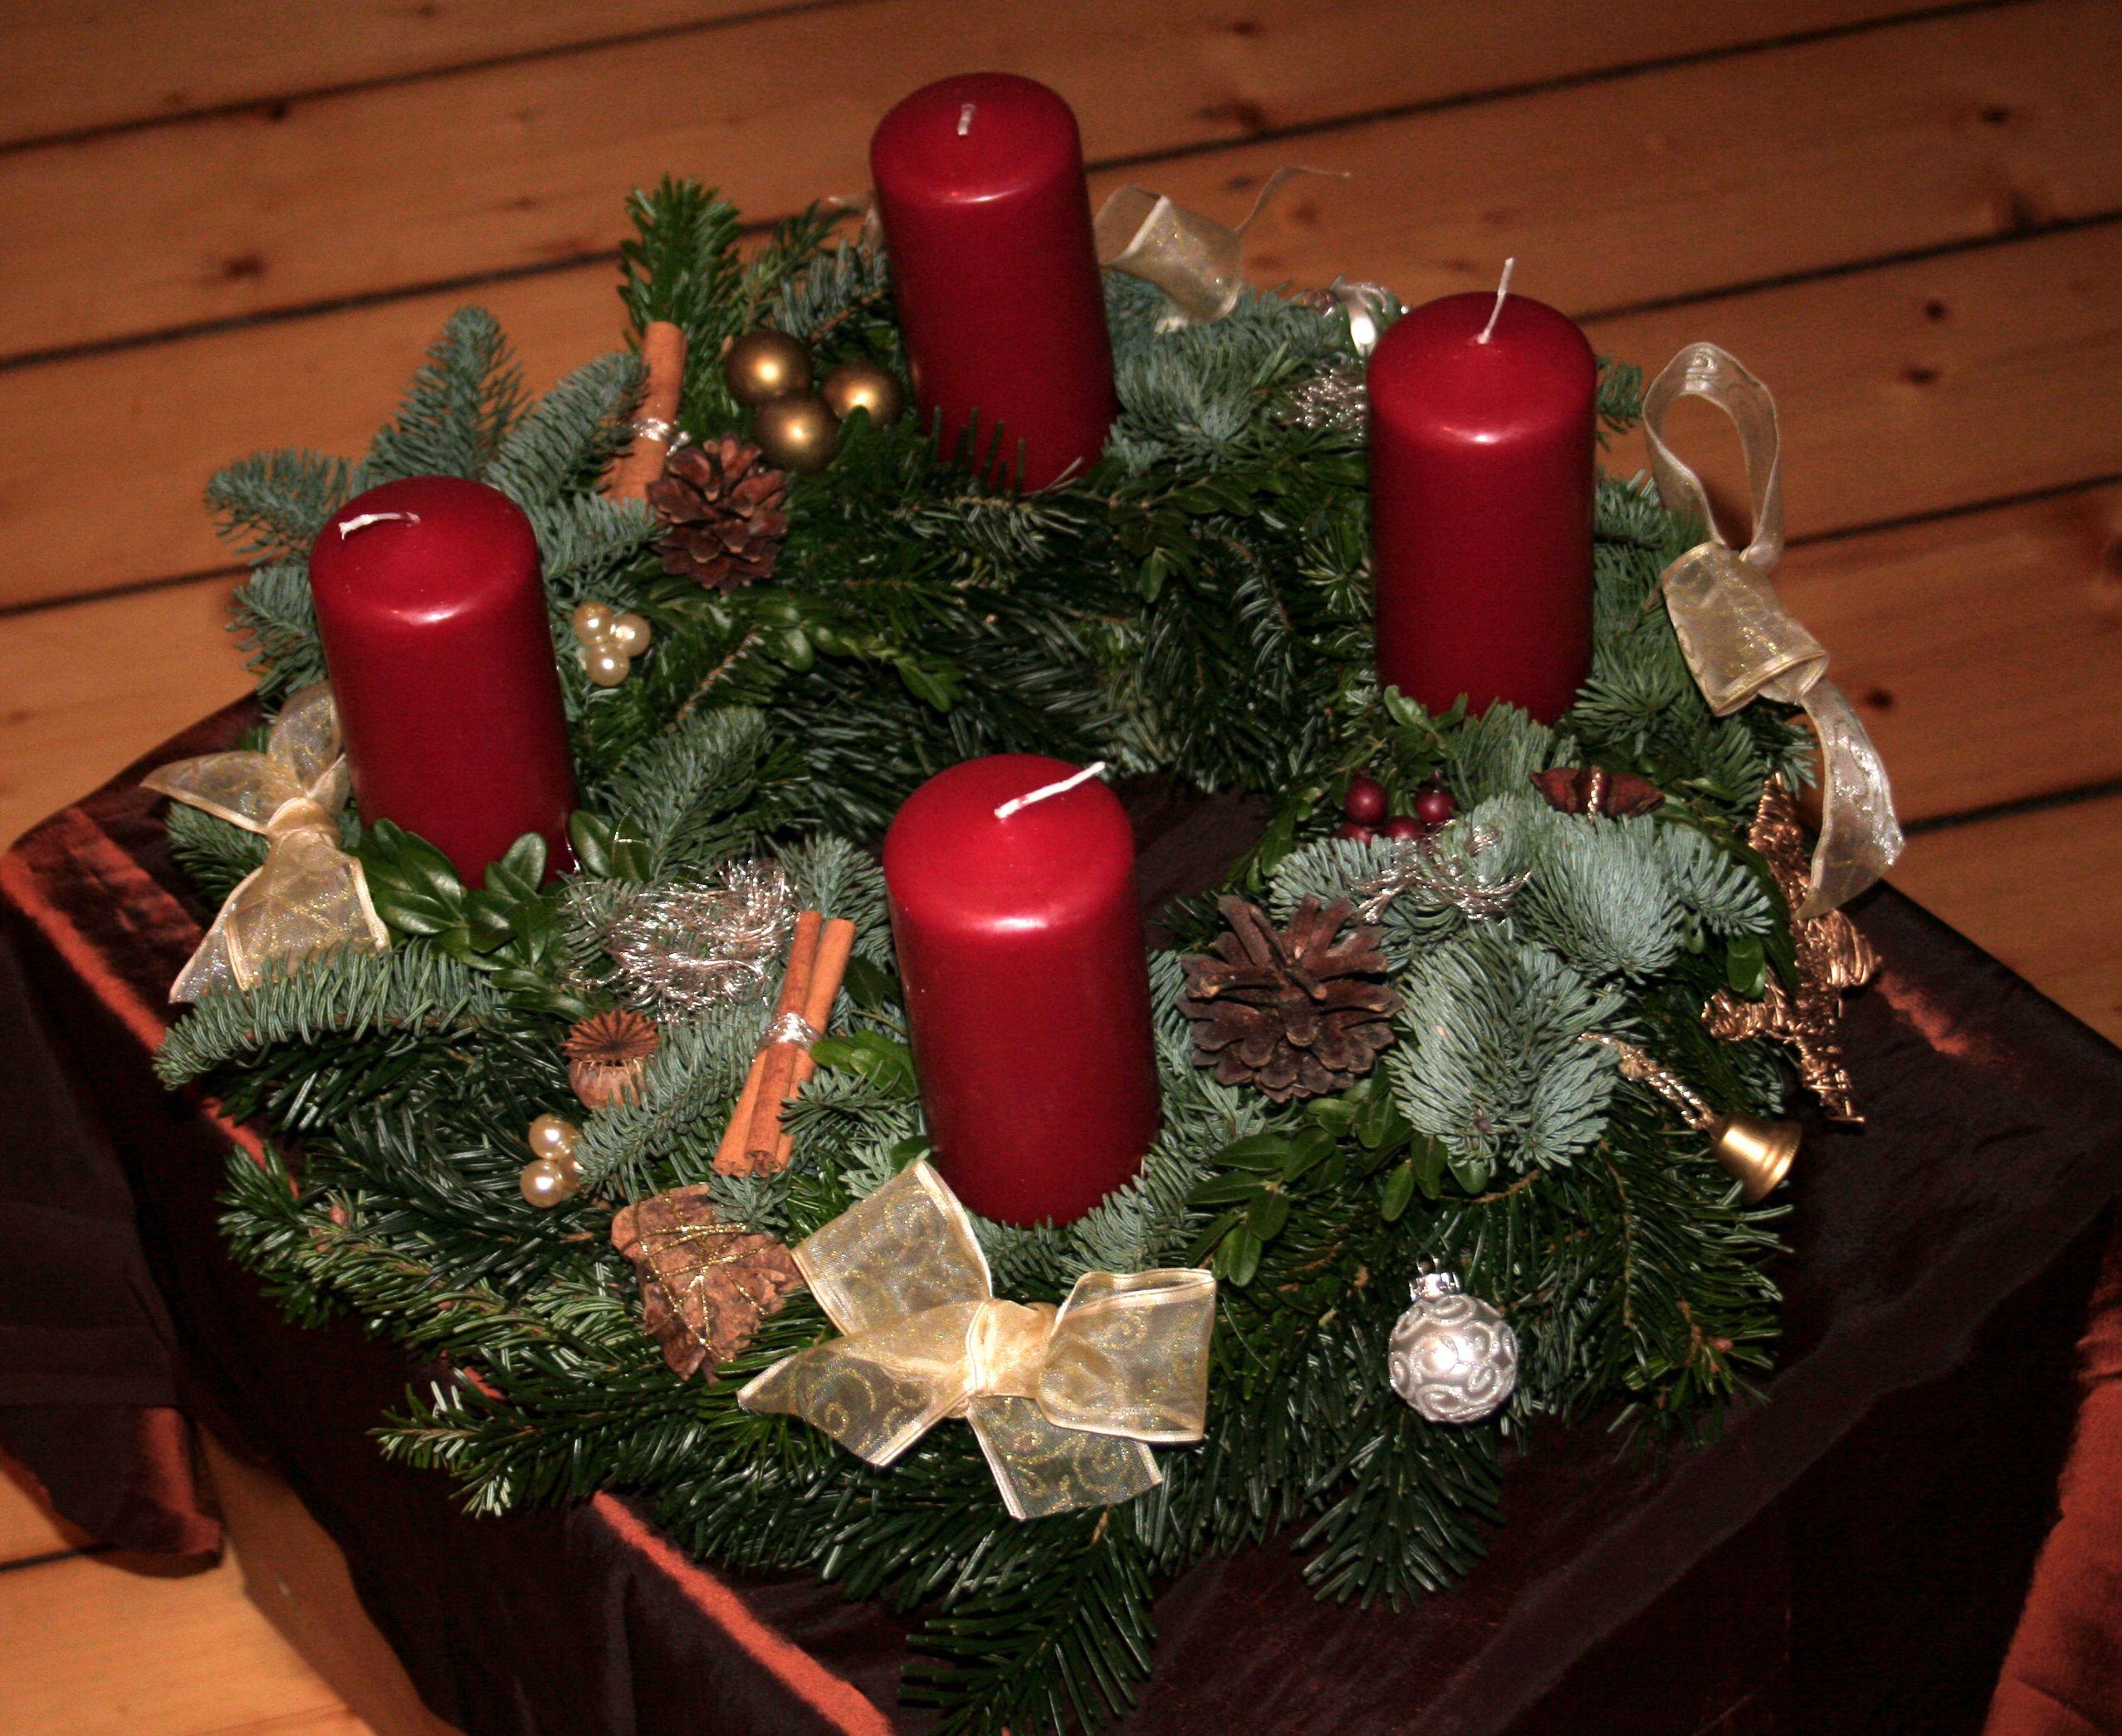 adventskranz in klassisch rot zwei sorten tanne nordmann und nobilis buchszweige. Black Bedroom Furniture Sets. Home Design Ideas